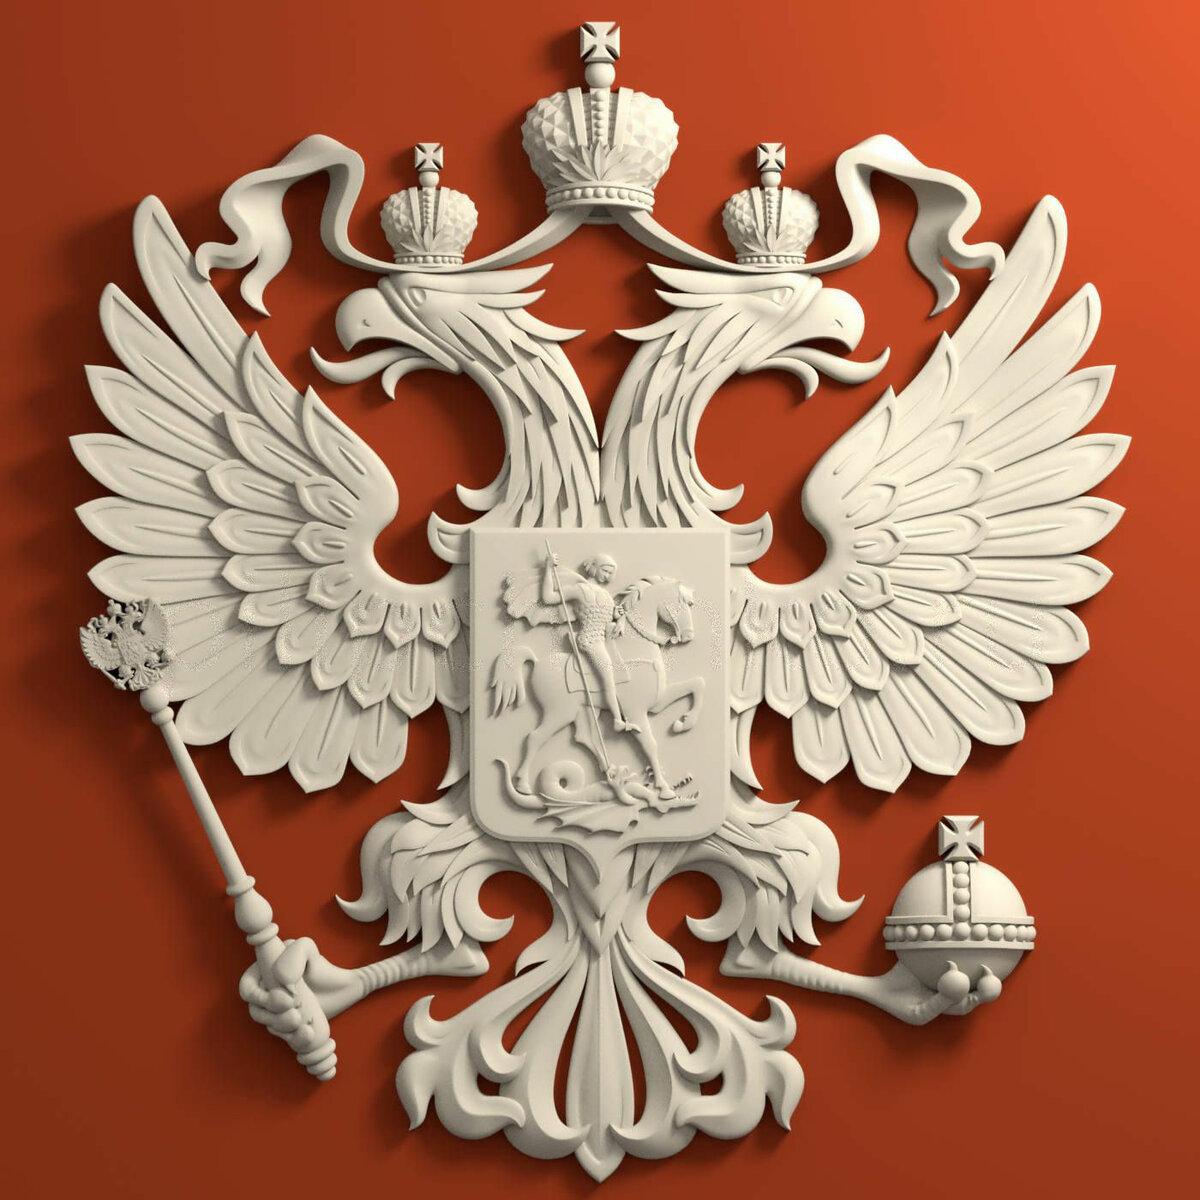 Орел россии картинка